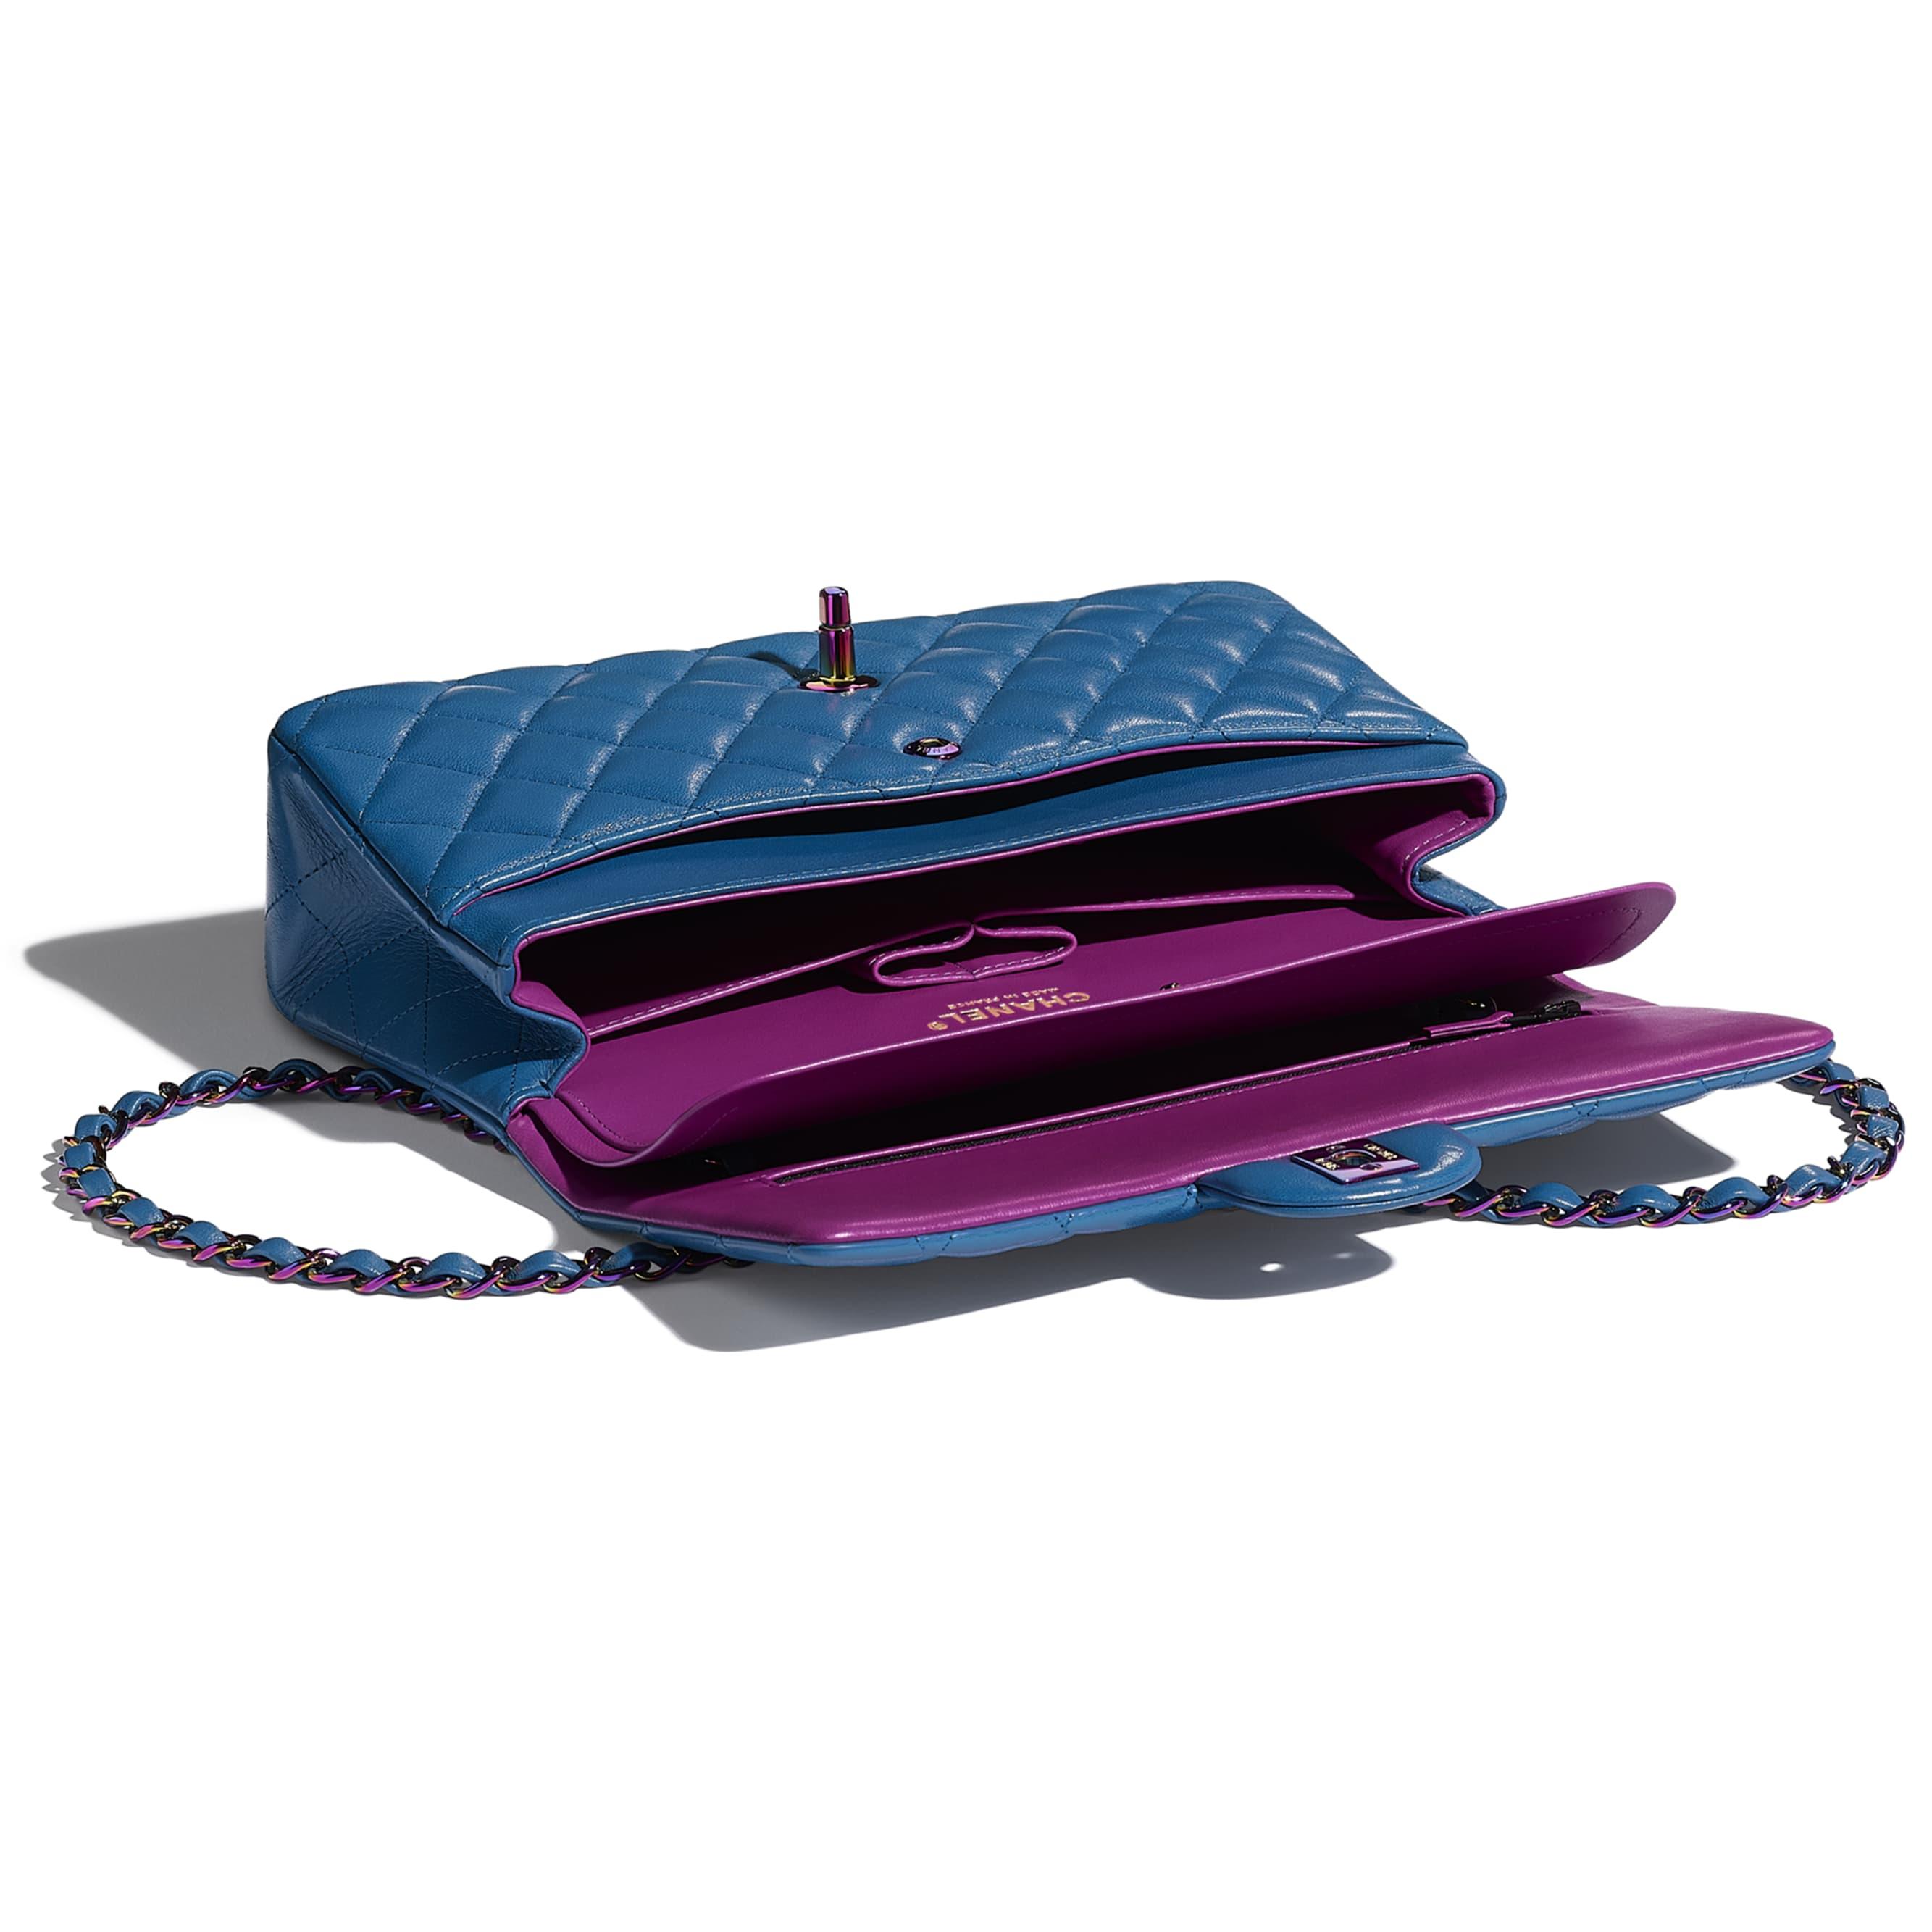 經典款手袋 - 藍色 - 小羊皮及幻彩色金屬 - CHANEL - 其他視圖 - 查看標準尺寸版本